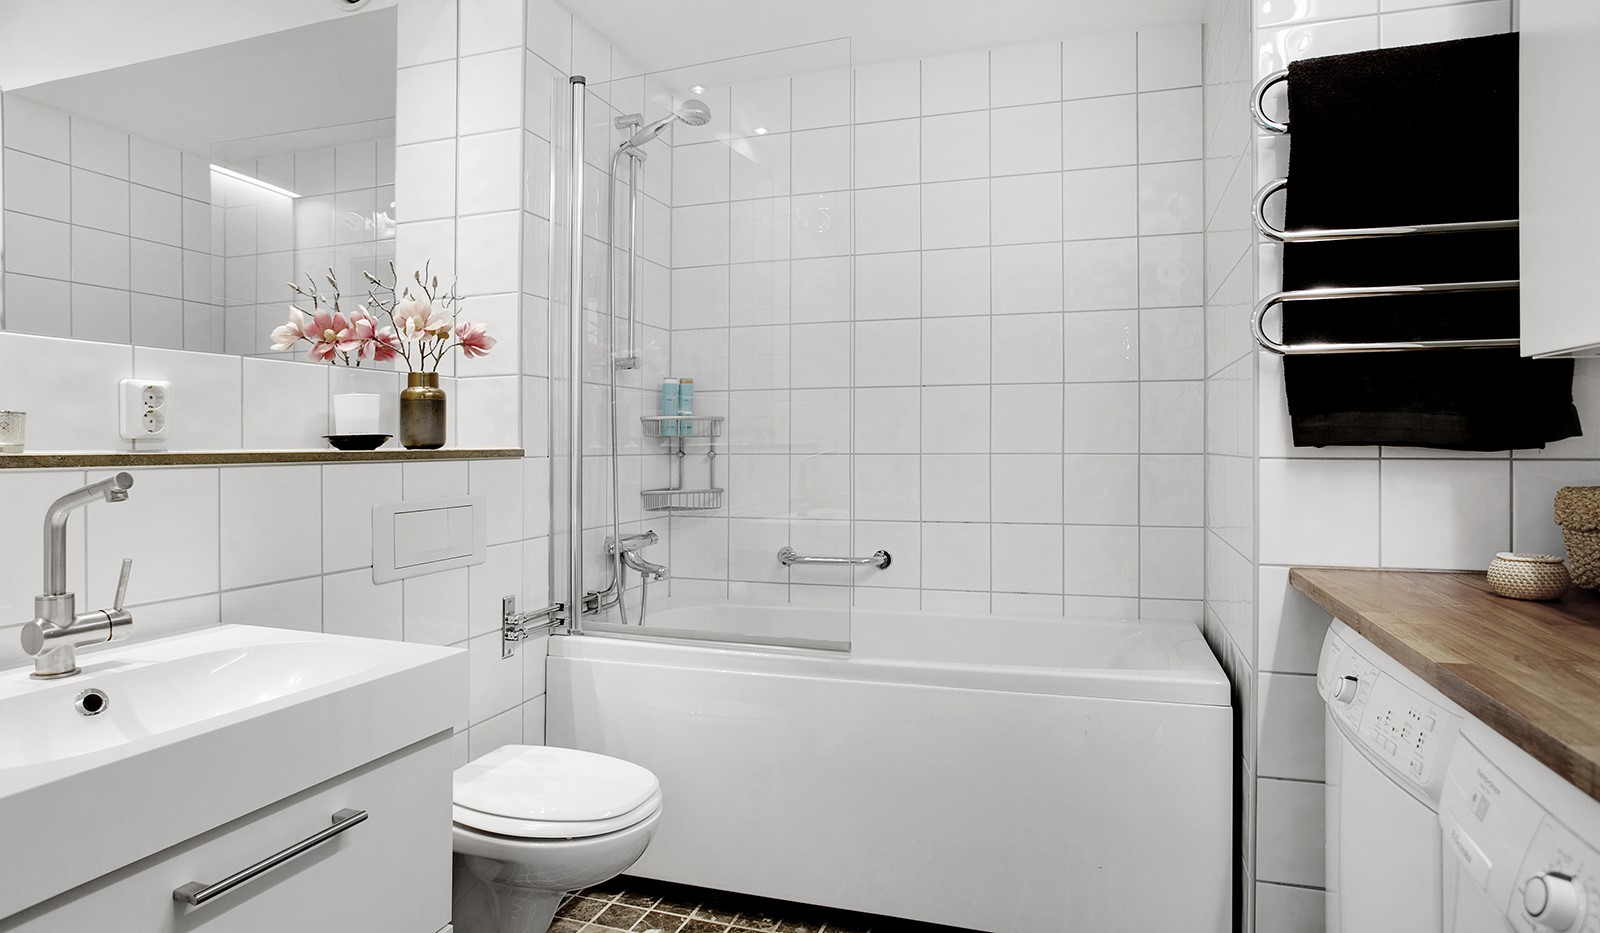 Sickla Kanalgata 64, vån 4 & 5 - Fullt utrustat badrum med tvättmaskin och torktumlare